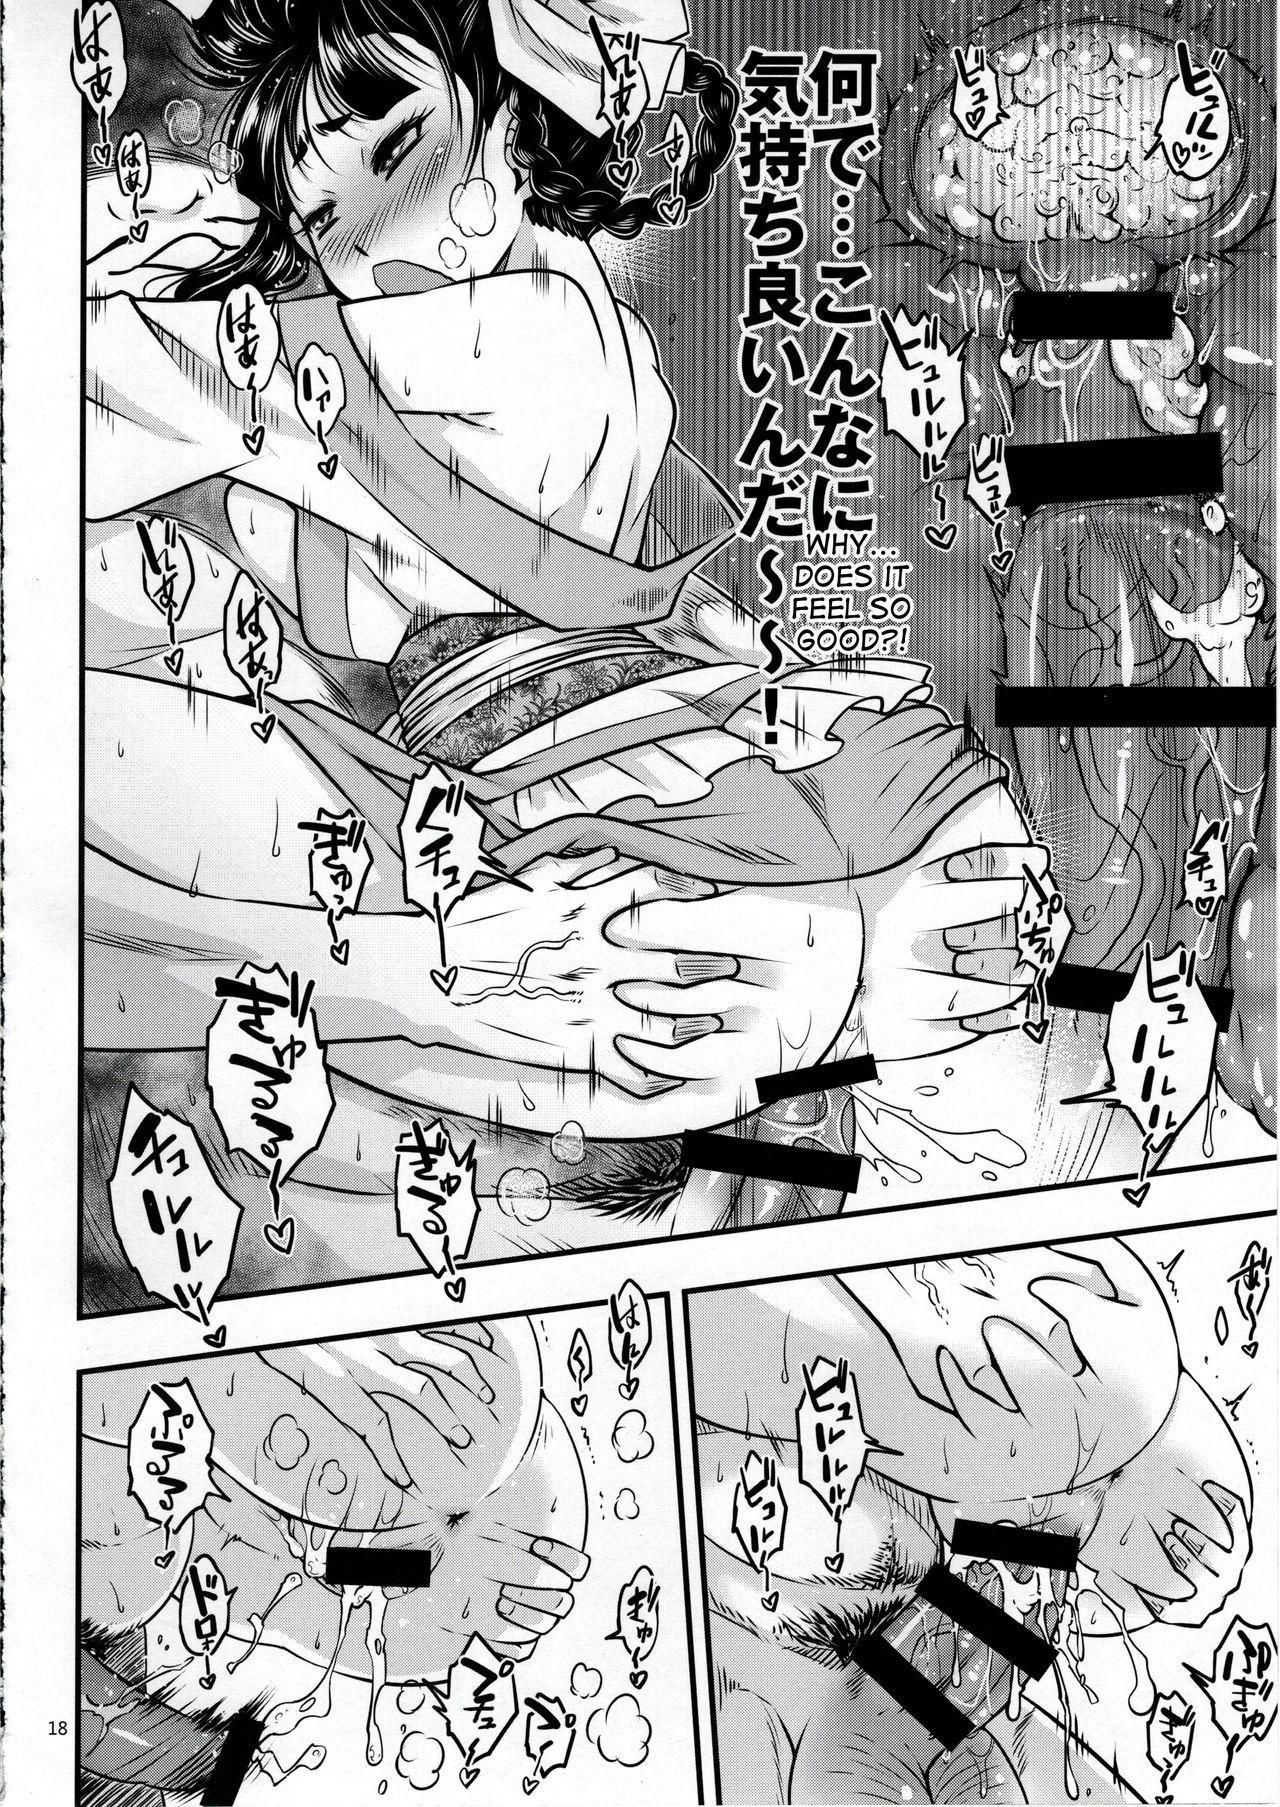 Hyakkasou <<Gejo Botan no Yuuutsu>> 18